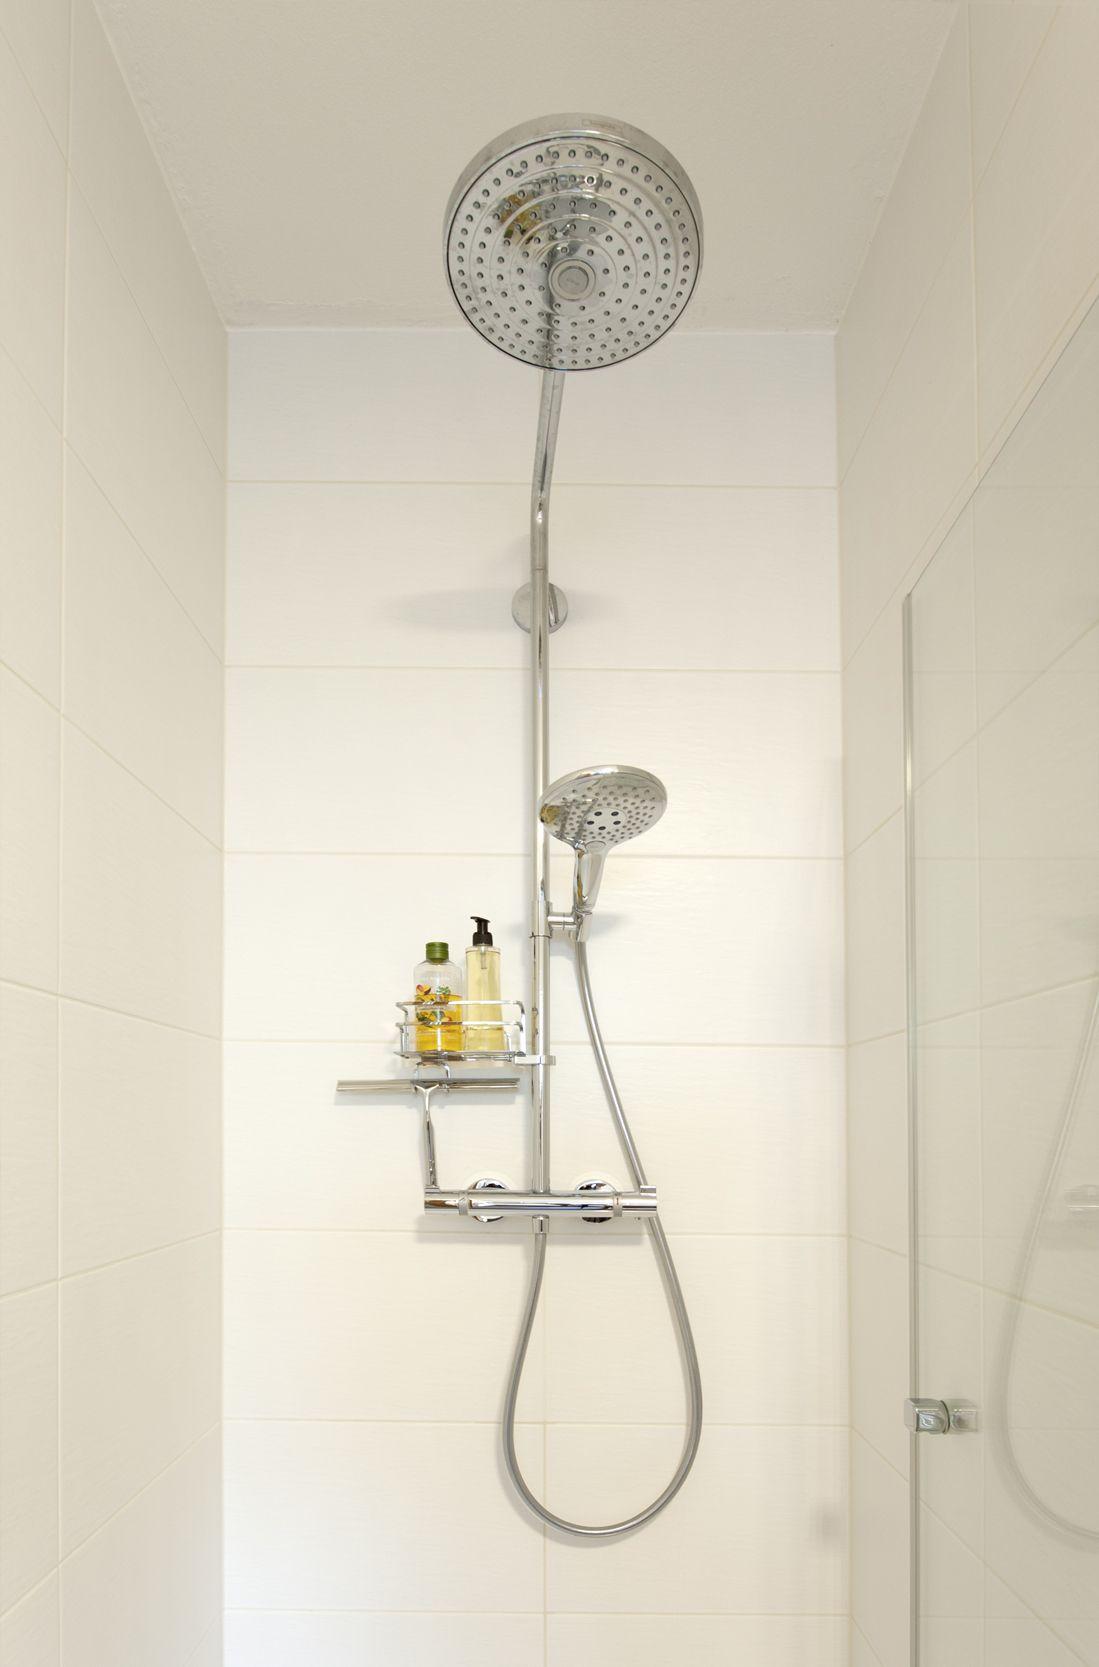 Frei begehbare Dusche mit Glasflügeltür und Brausebatterie